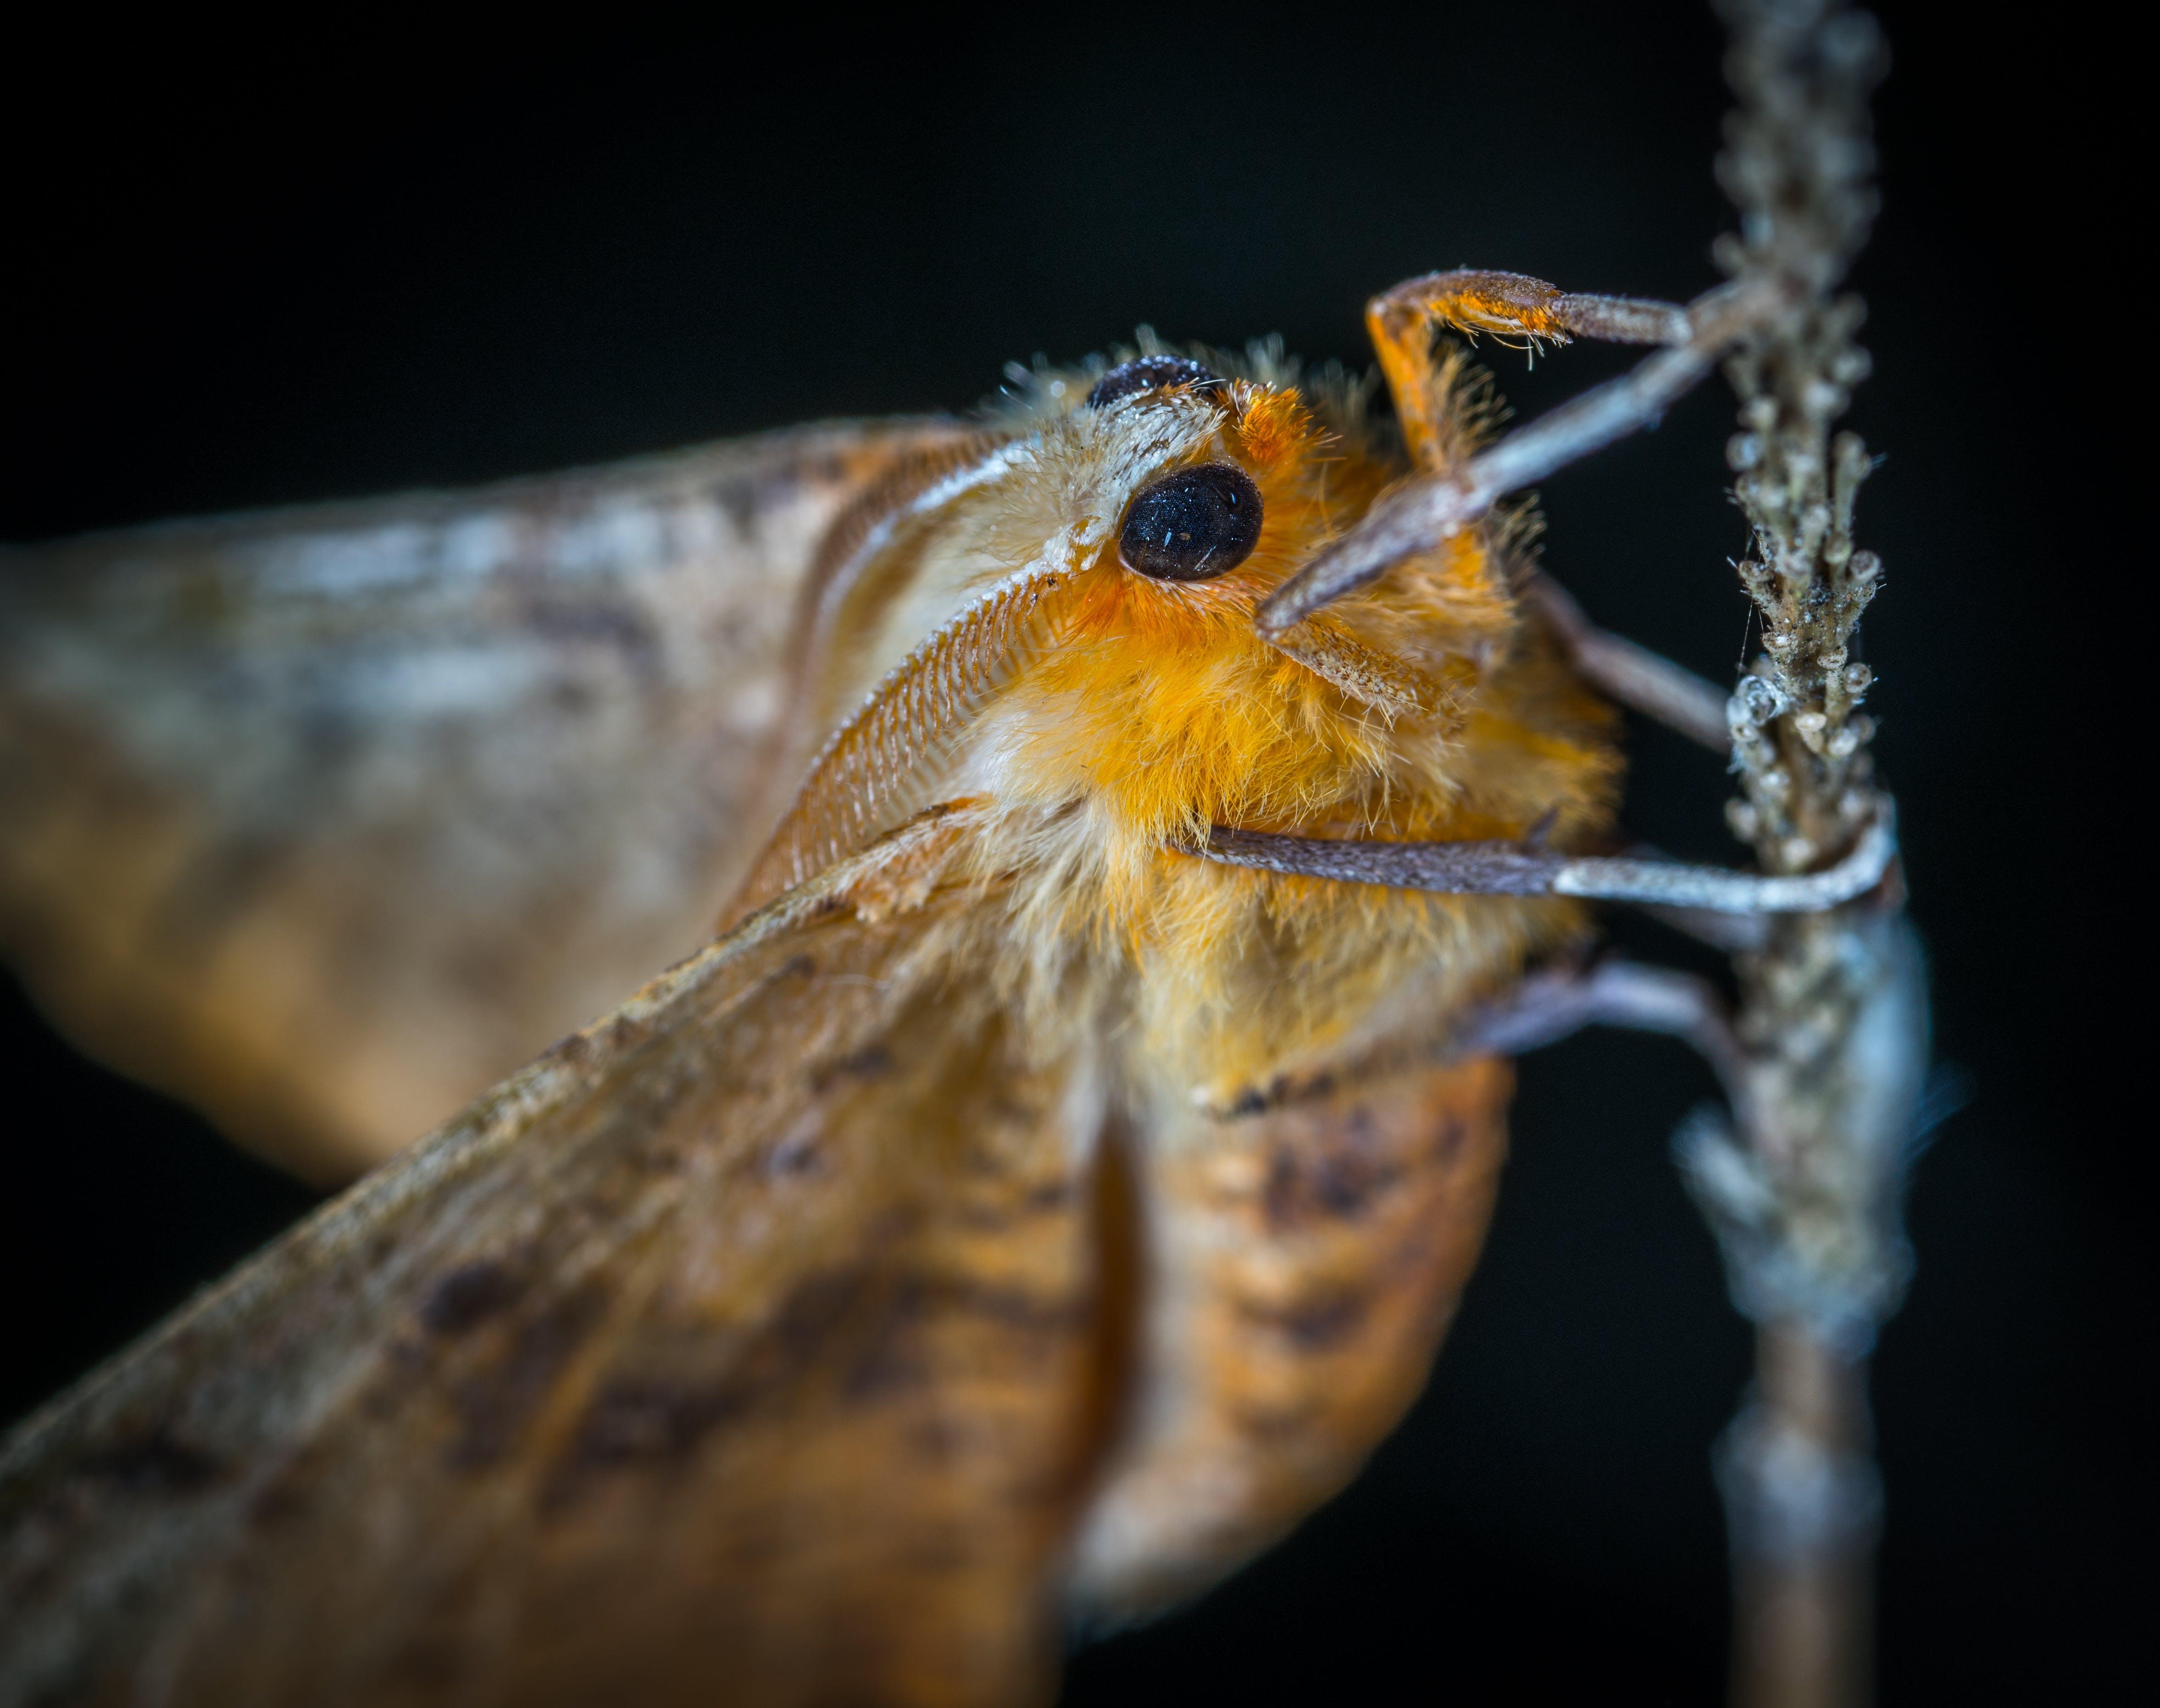 Gratis stockfoto met beest, close-up, concentratie, dieren in het wild